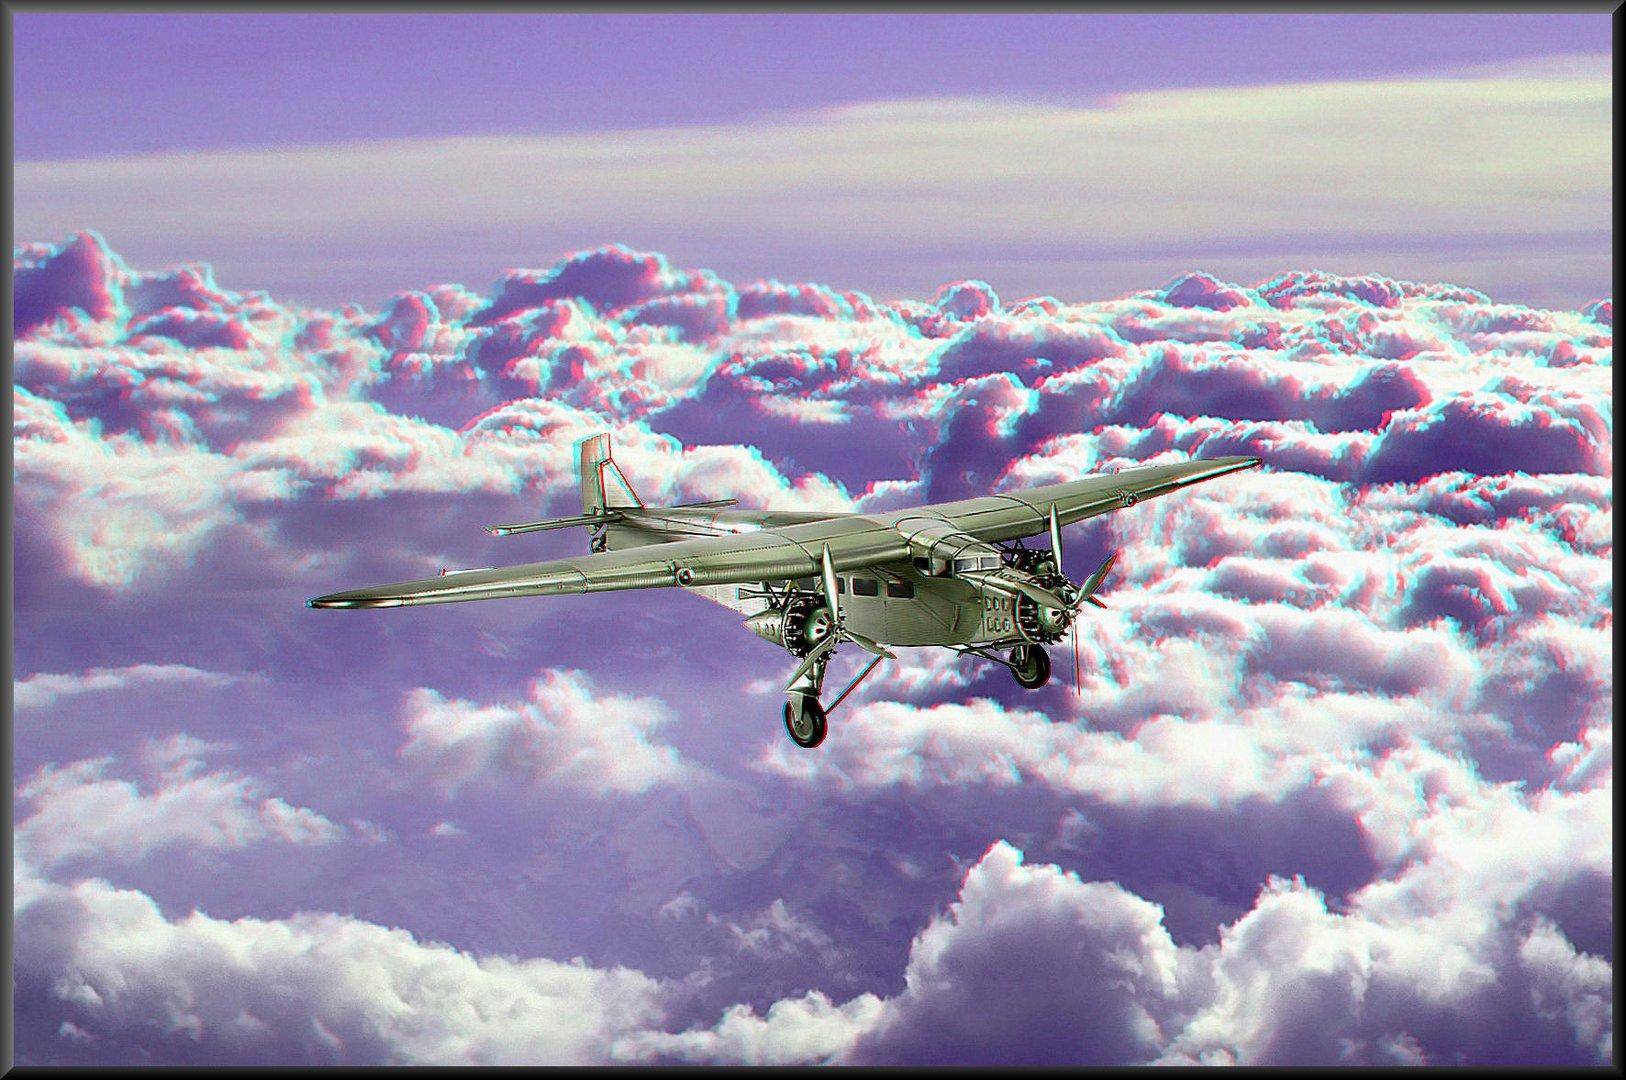 Modellflugzeug über den Wolken – eine Fotomontage –